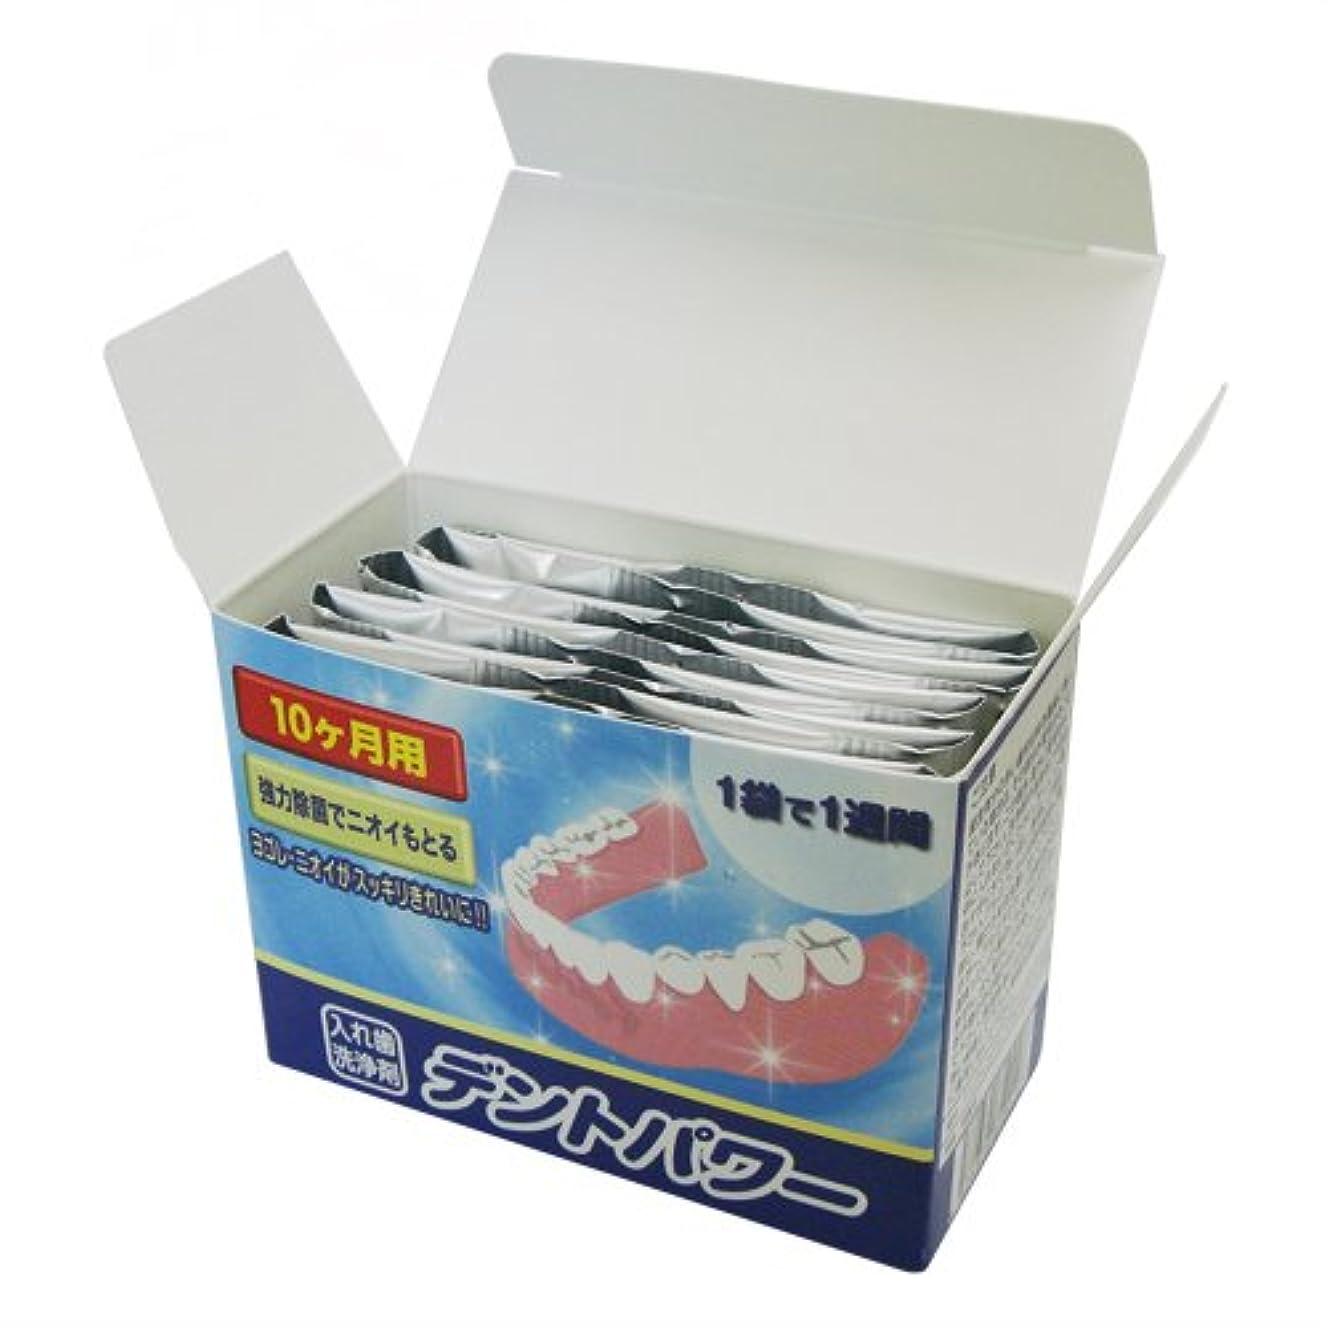 症候群お現れるデントパワー 入れ歯洗浄剤 10ヵ月用(専用ケース無し)